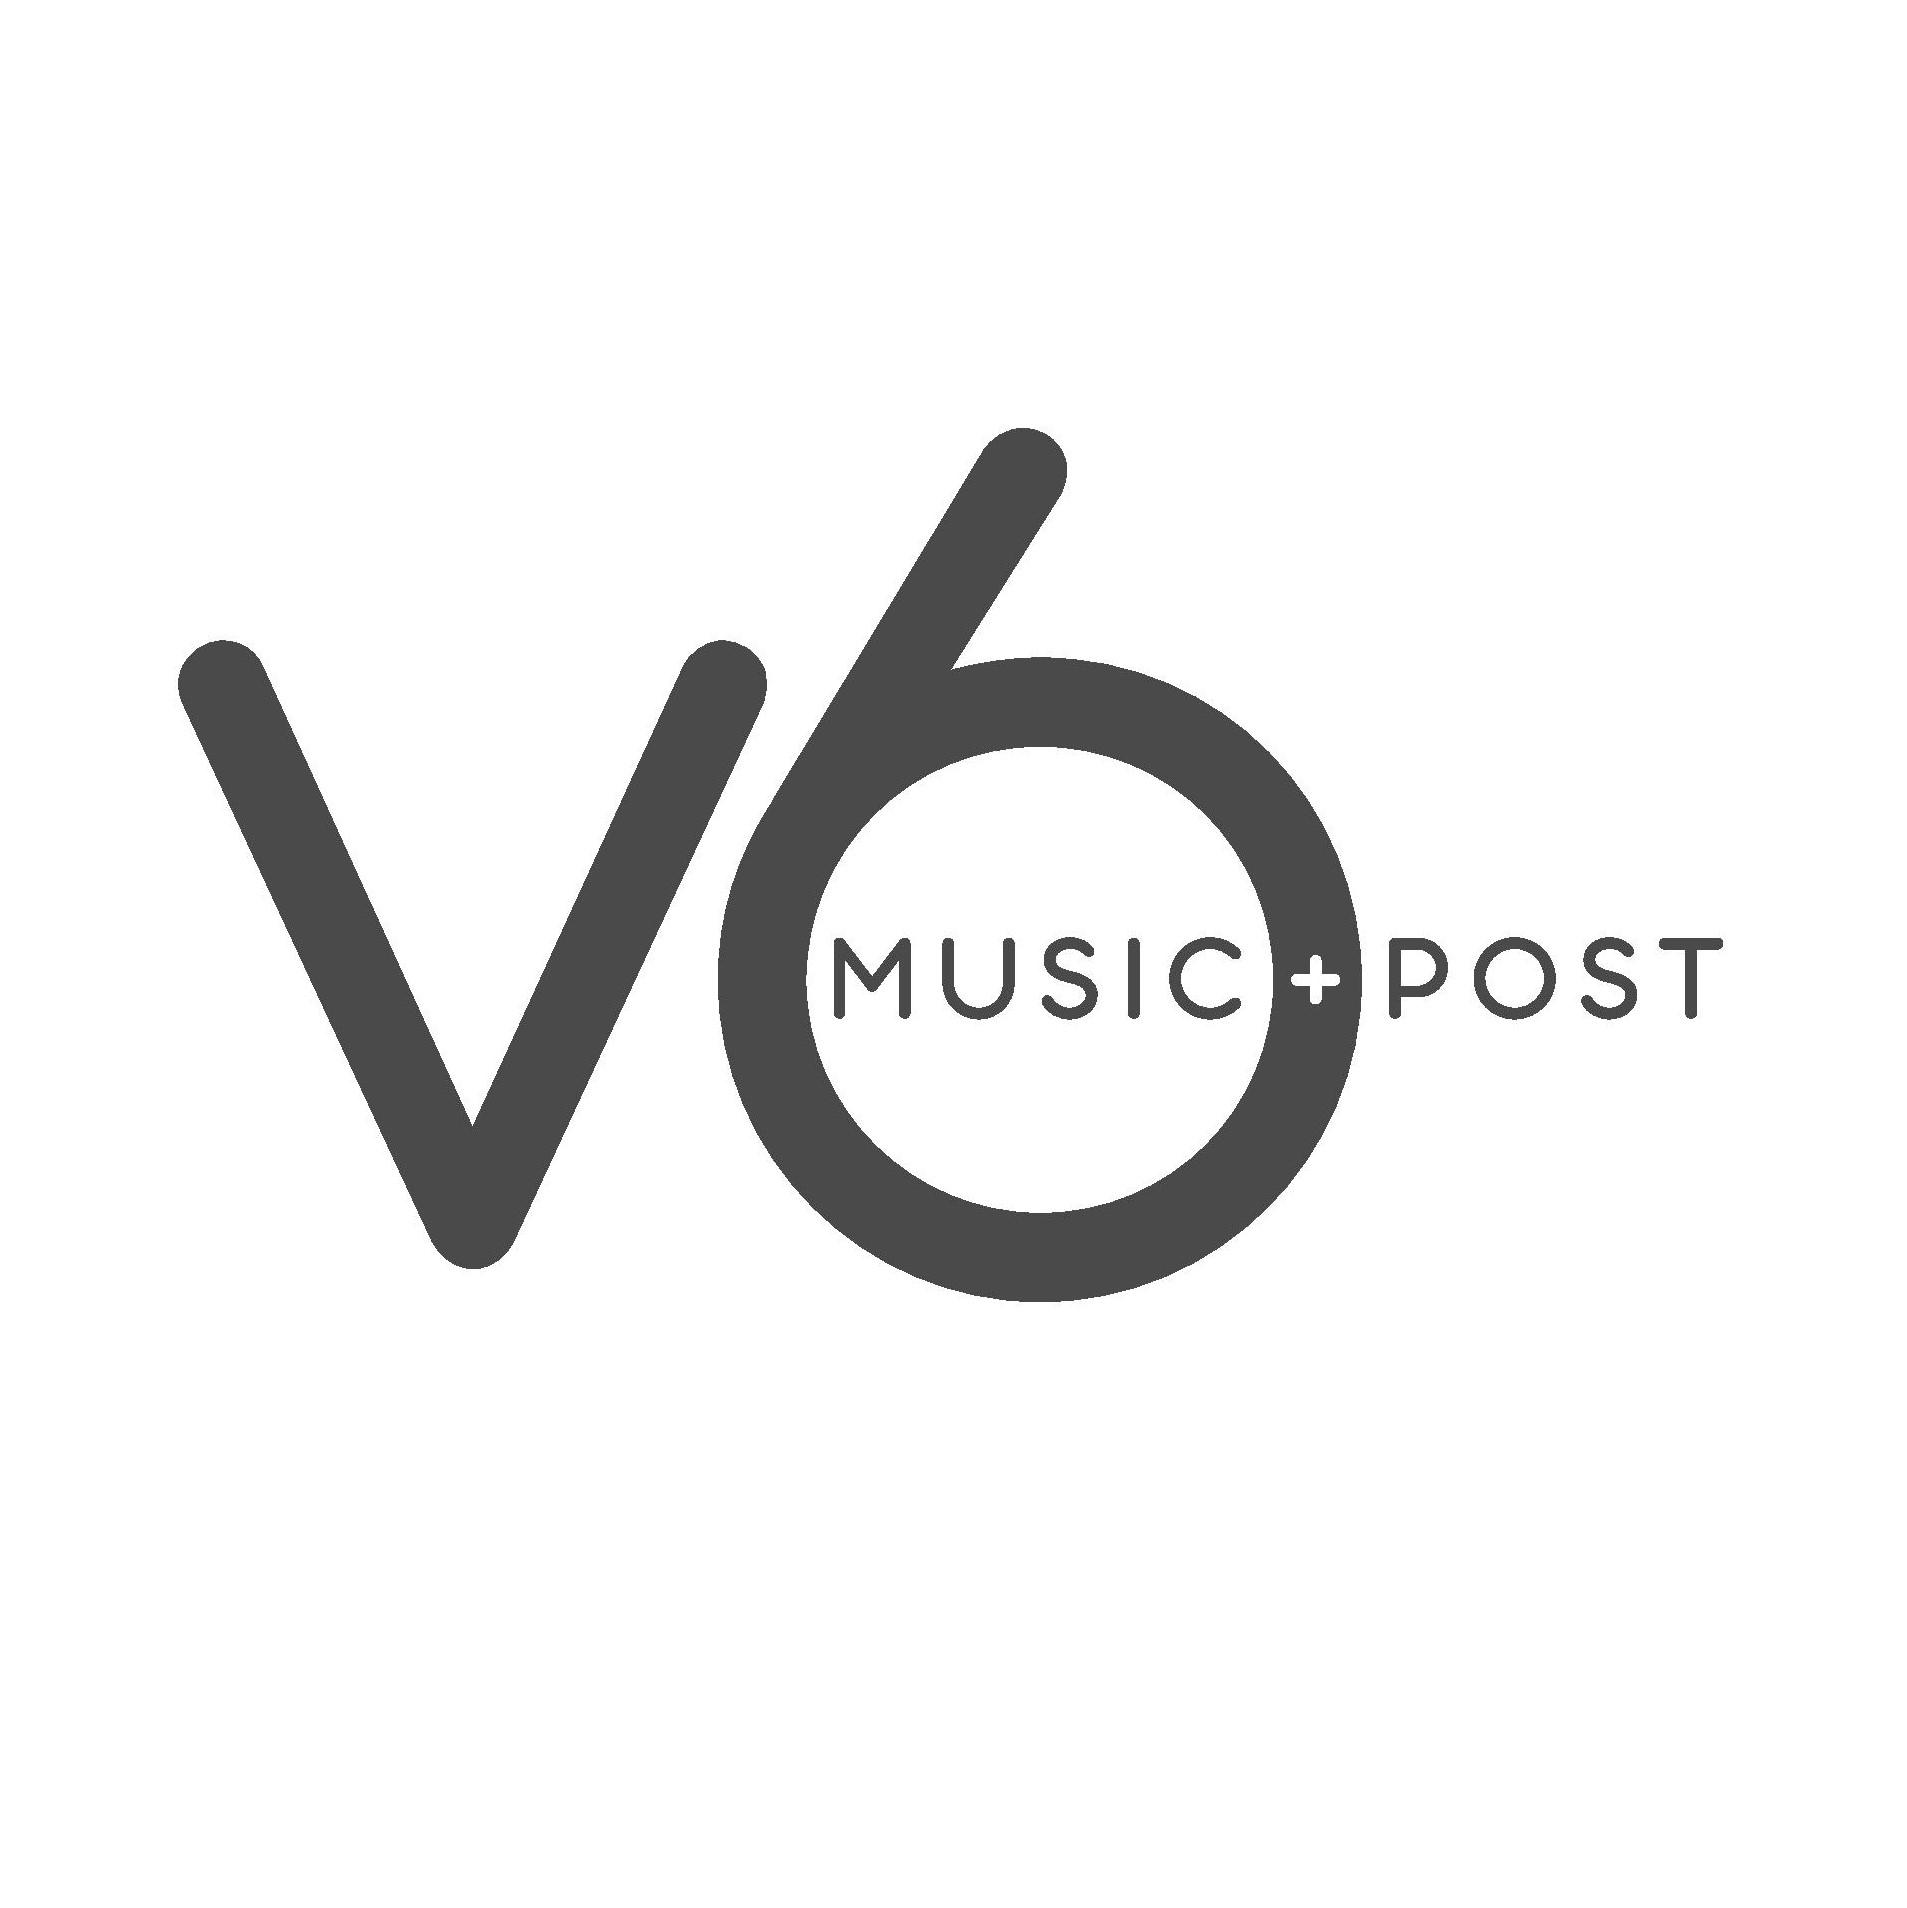 v6 Music + Post